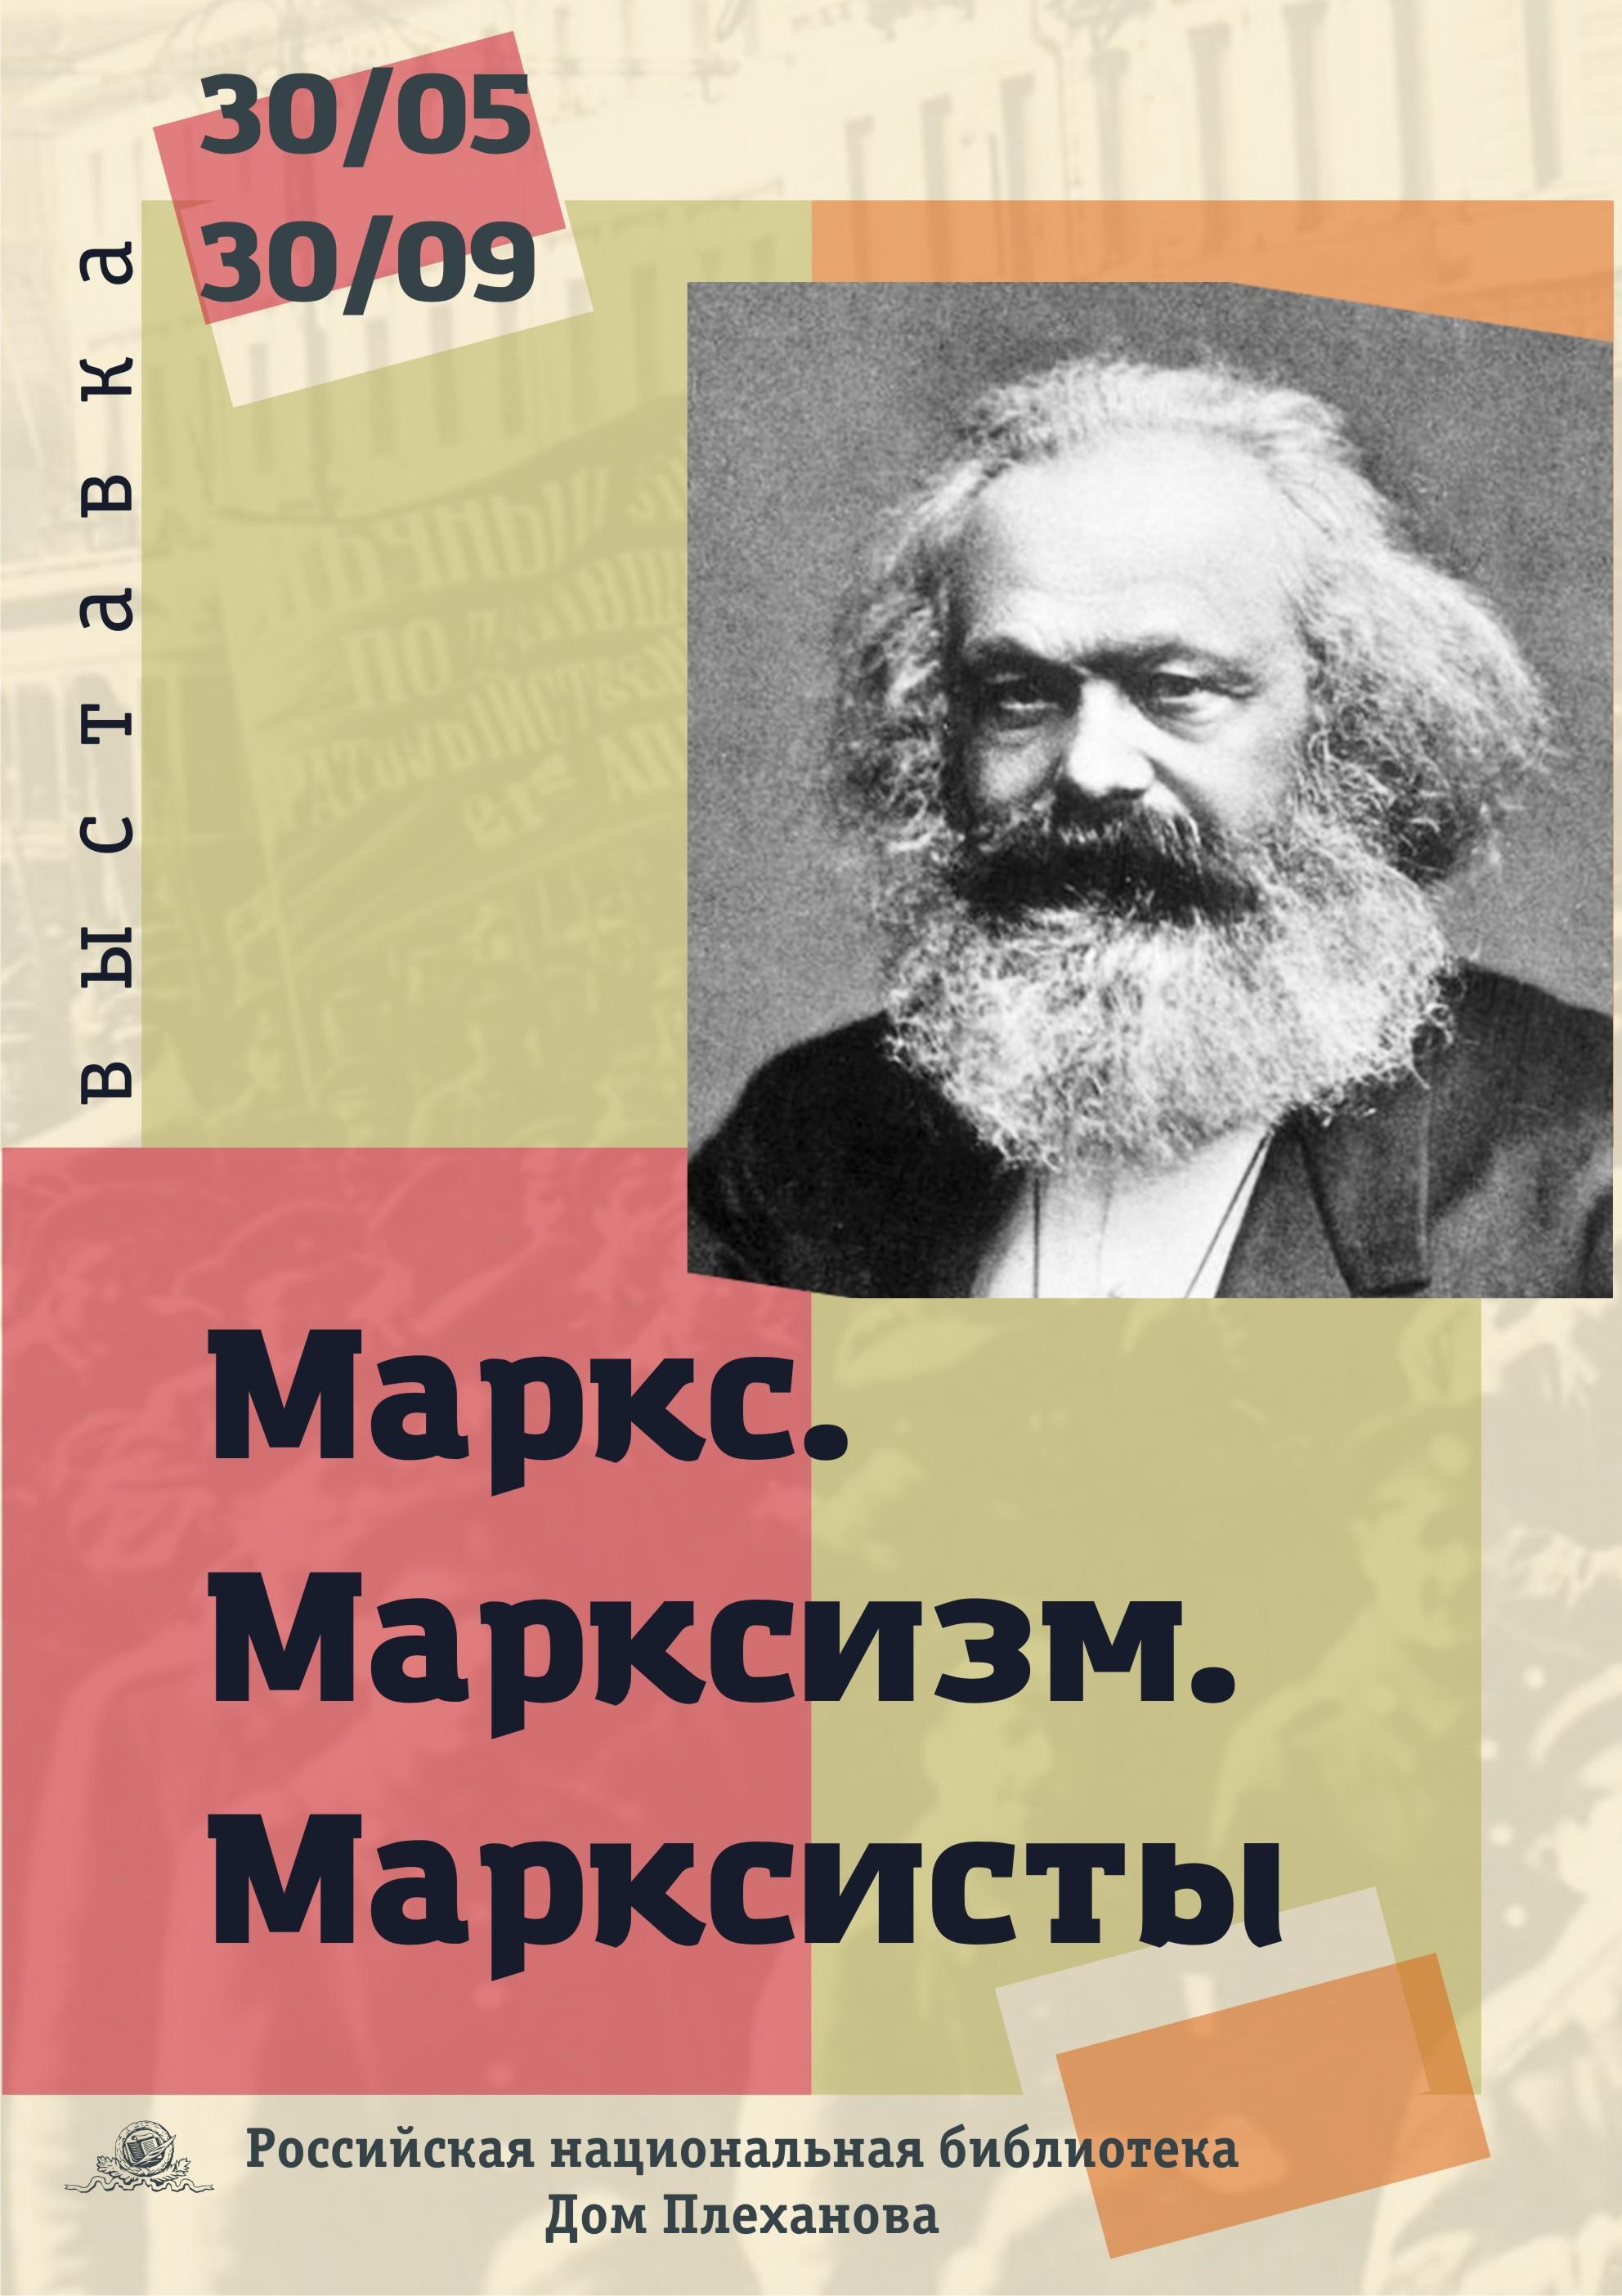 Что такое марксизм - узнай что такое